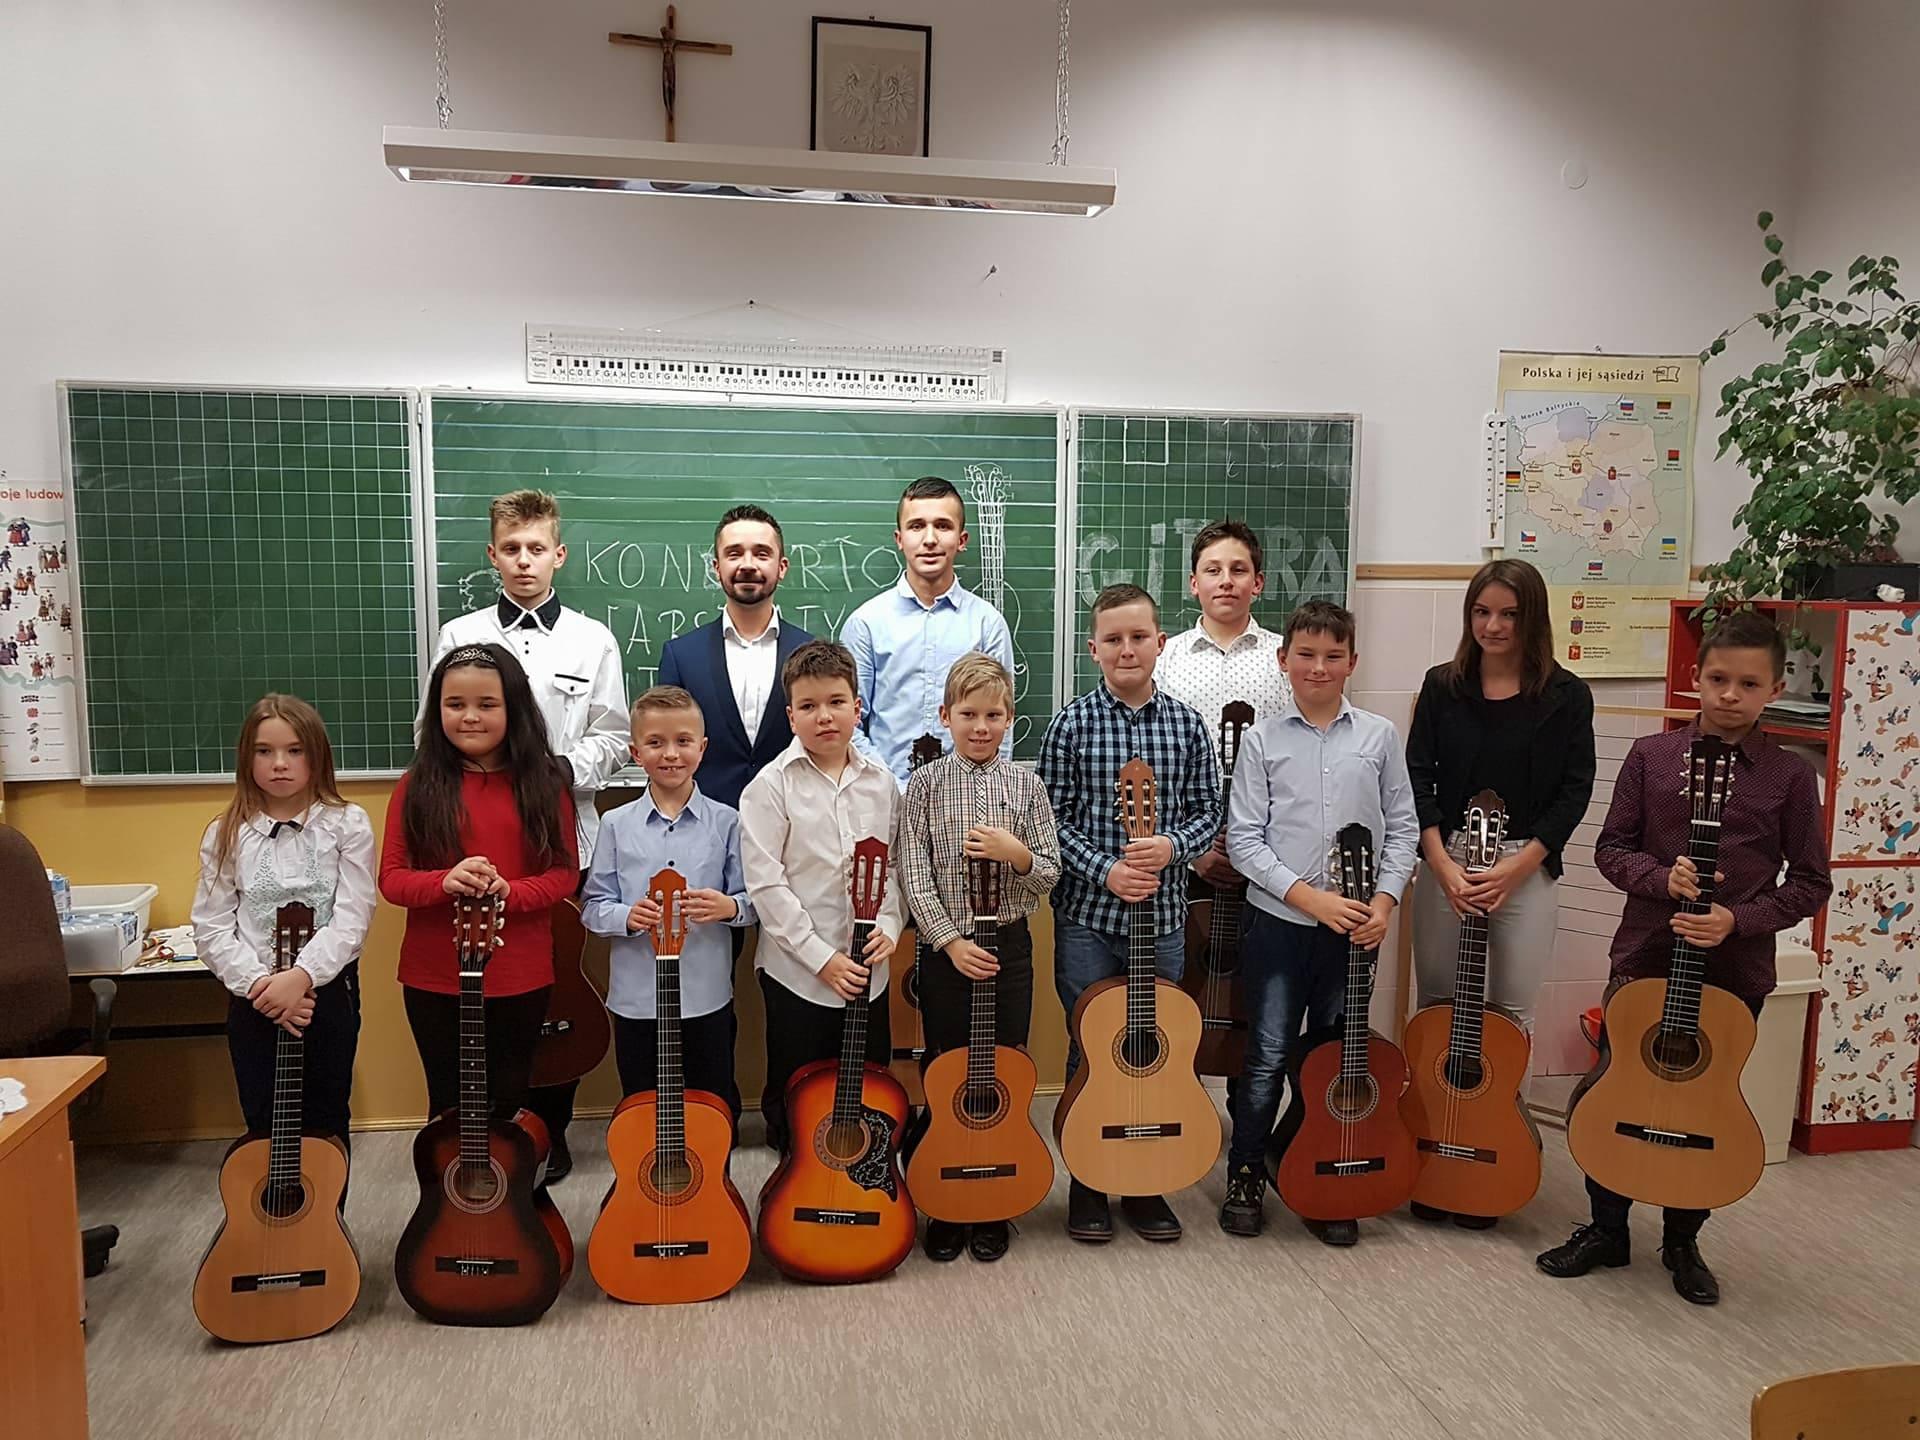 Koncertowe Warsztaty Gitarowe w Sokołowie Małopolskim